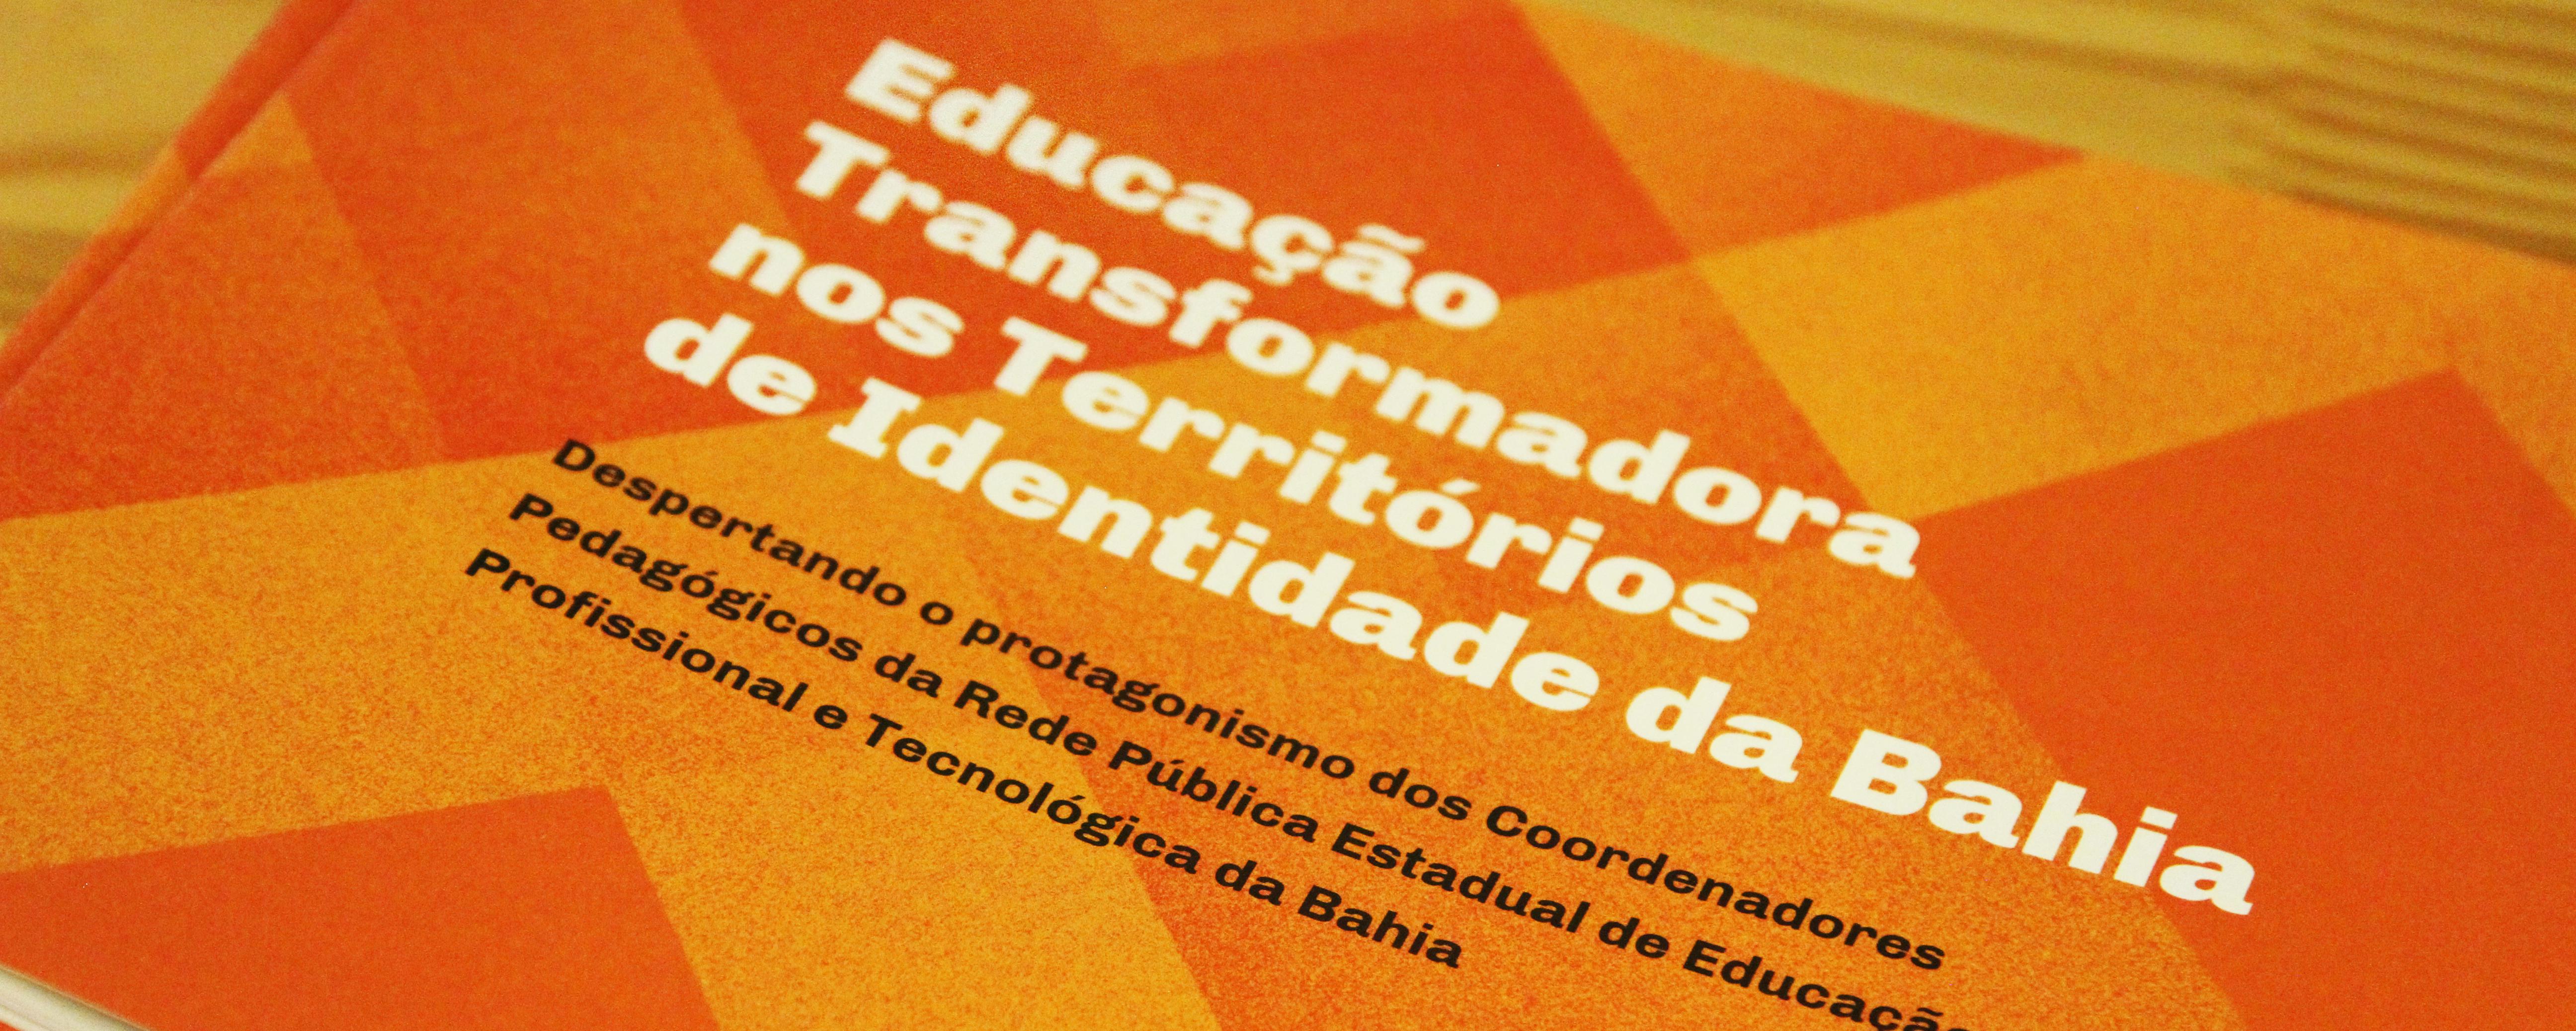 Material da parceria do Escolas Transformadoras com a rede de educação profissional da Bahia